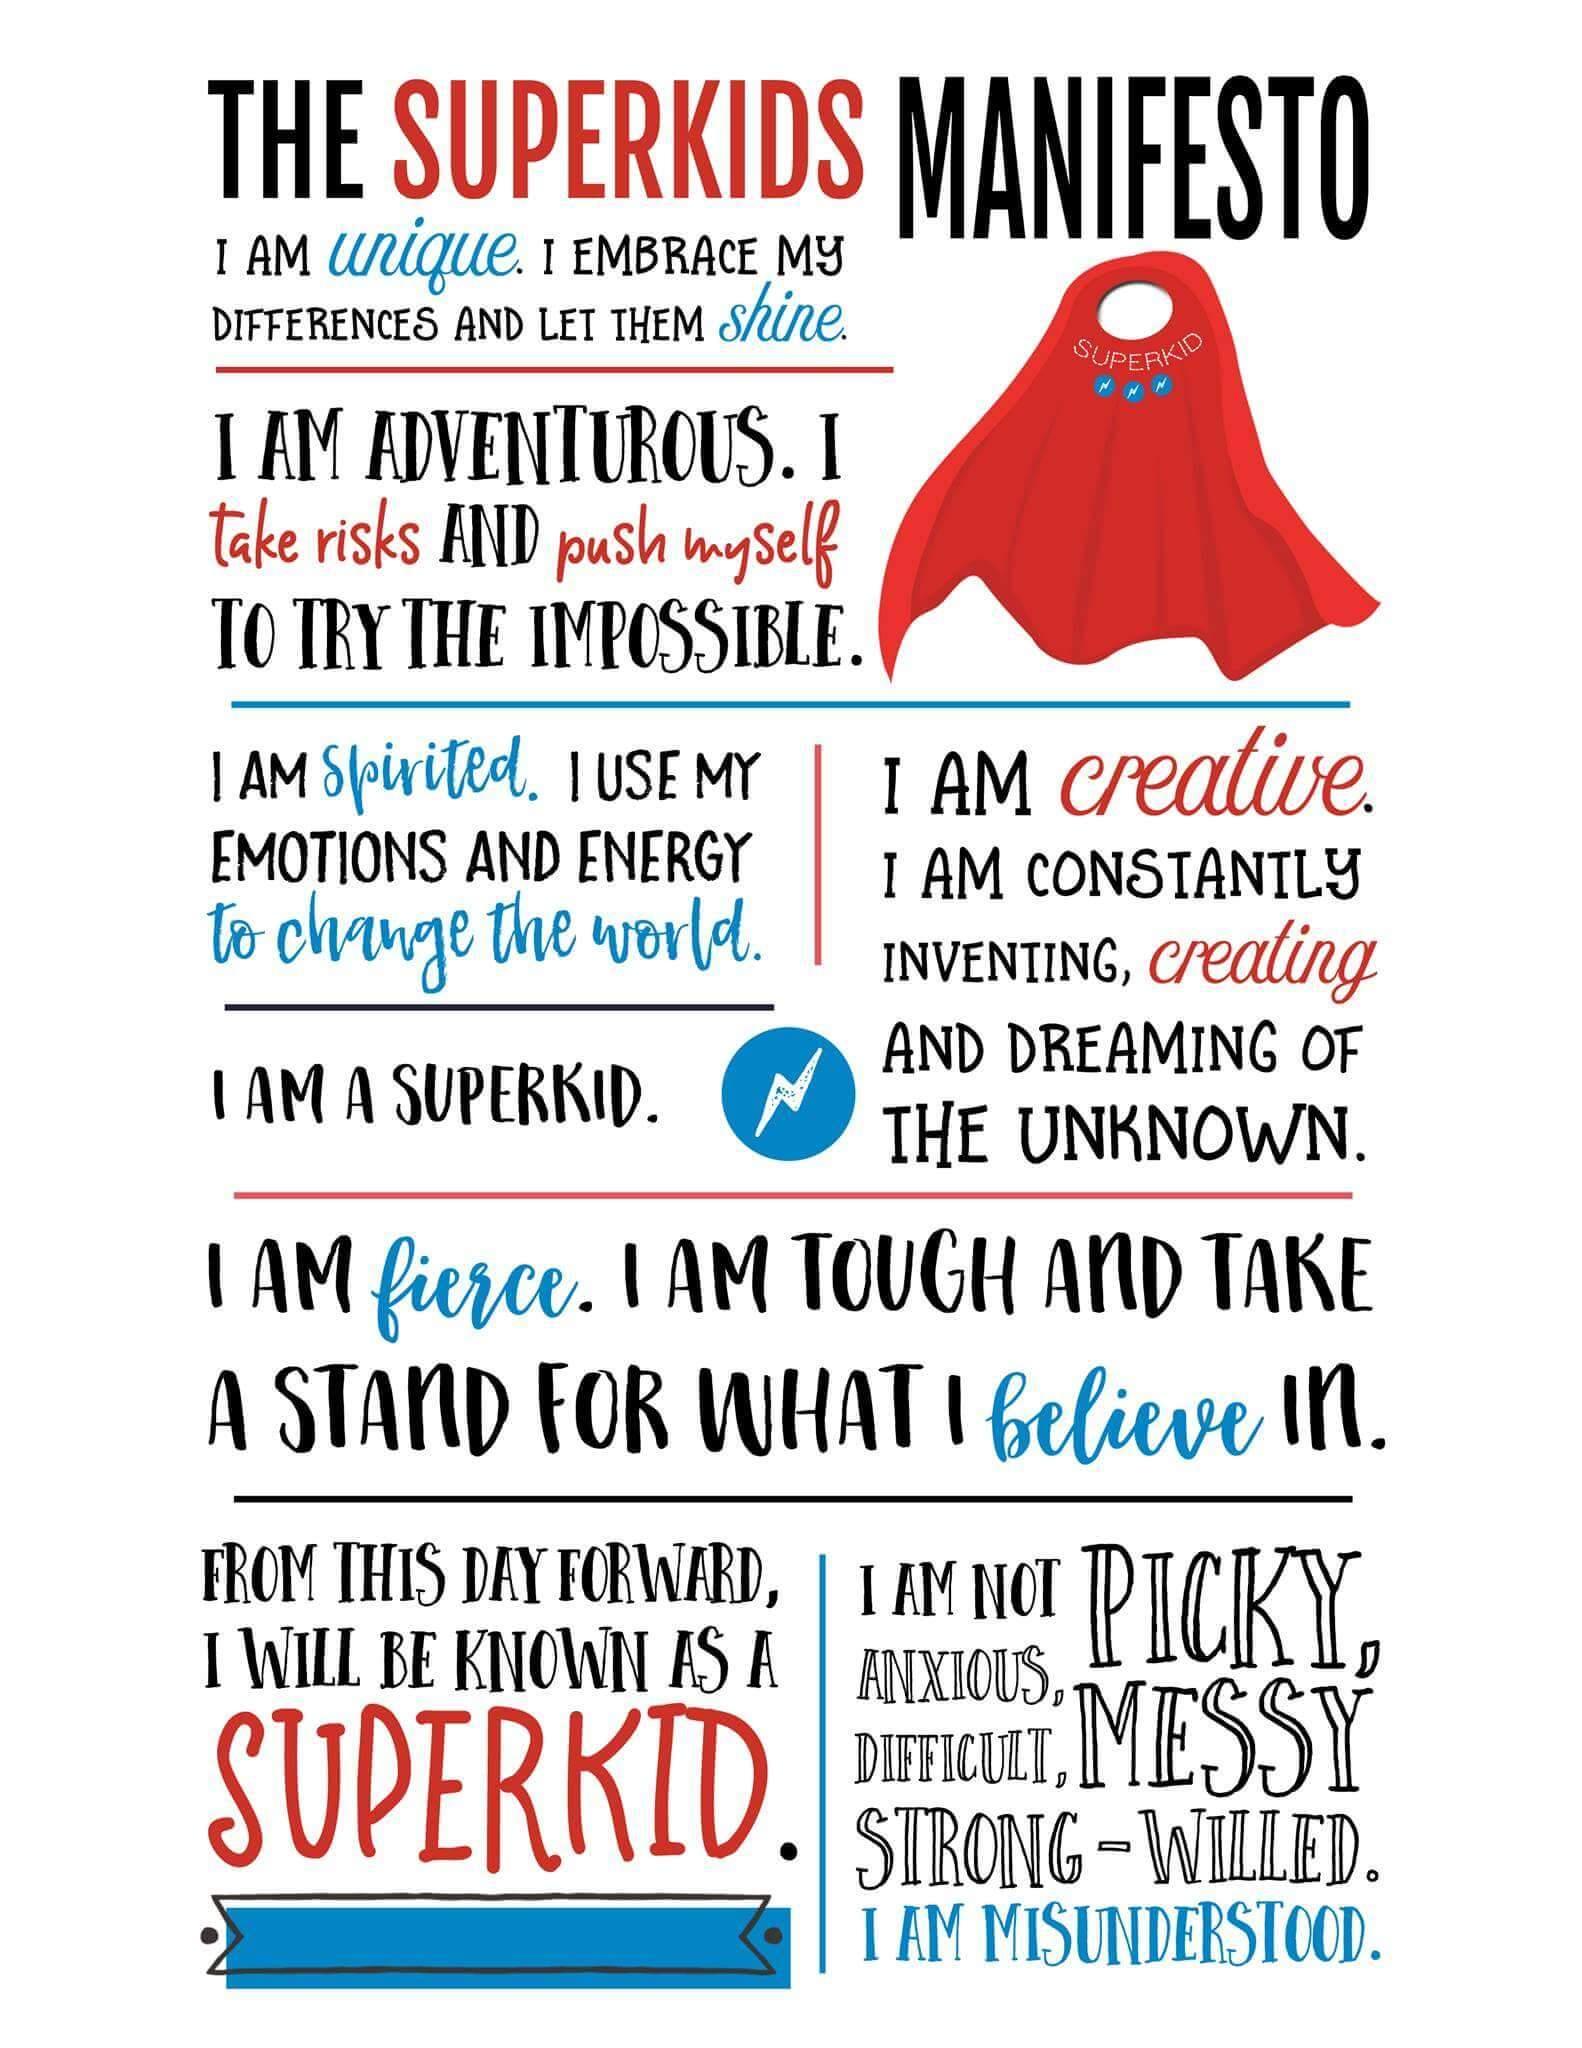 Superkids Manifesto